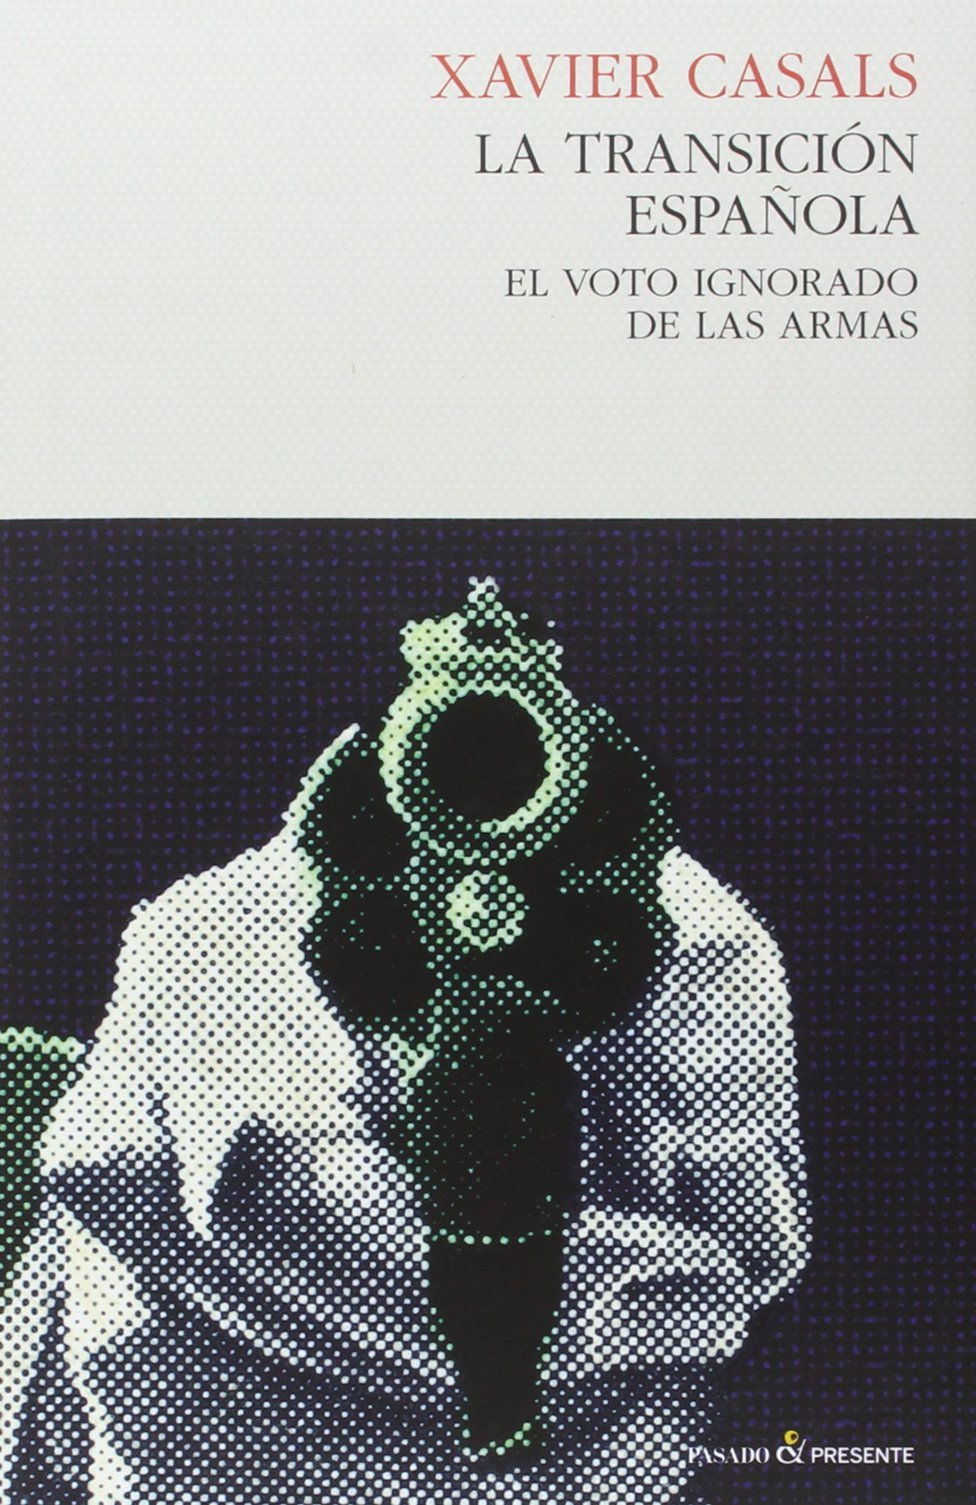 La transición española: El voto ignorado de las armas ENSAYO ...